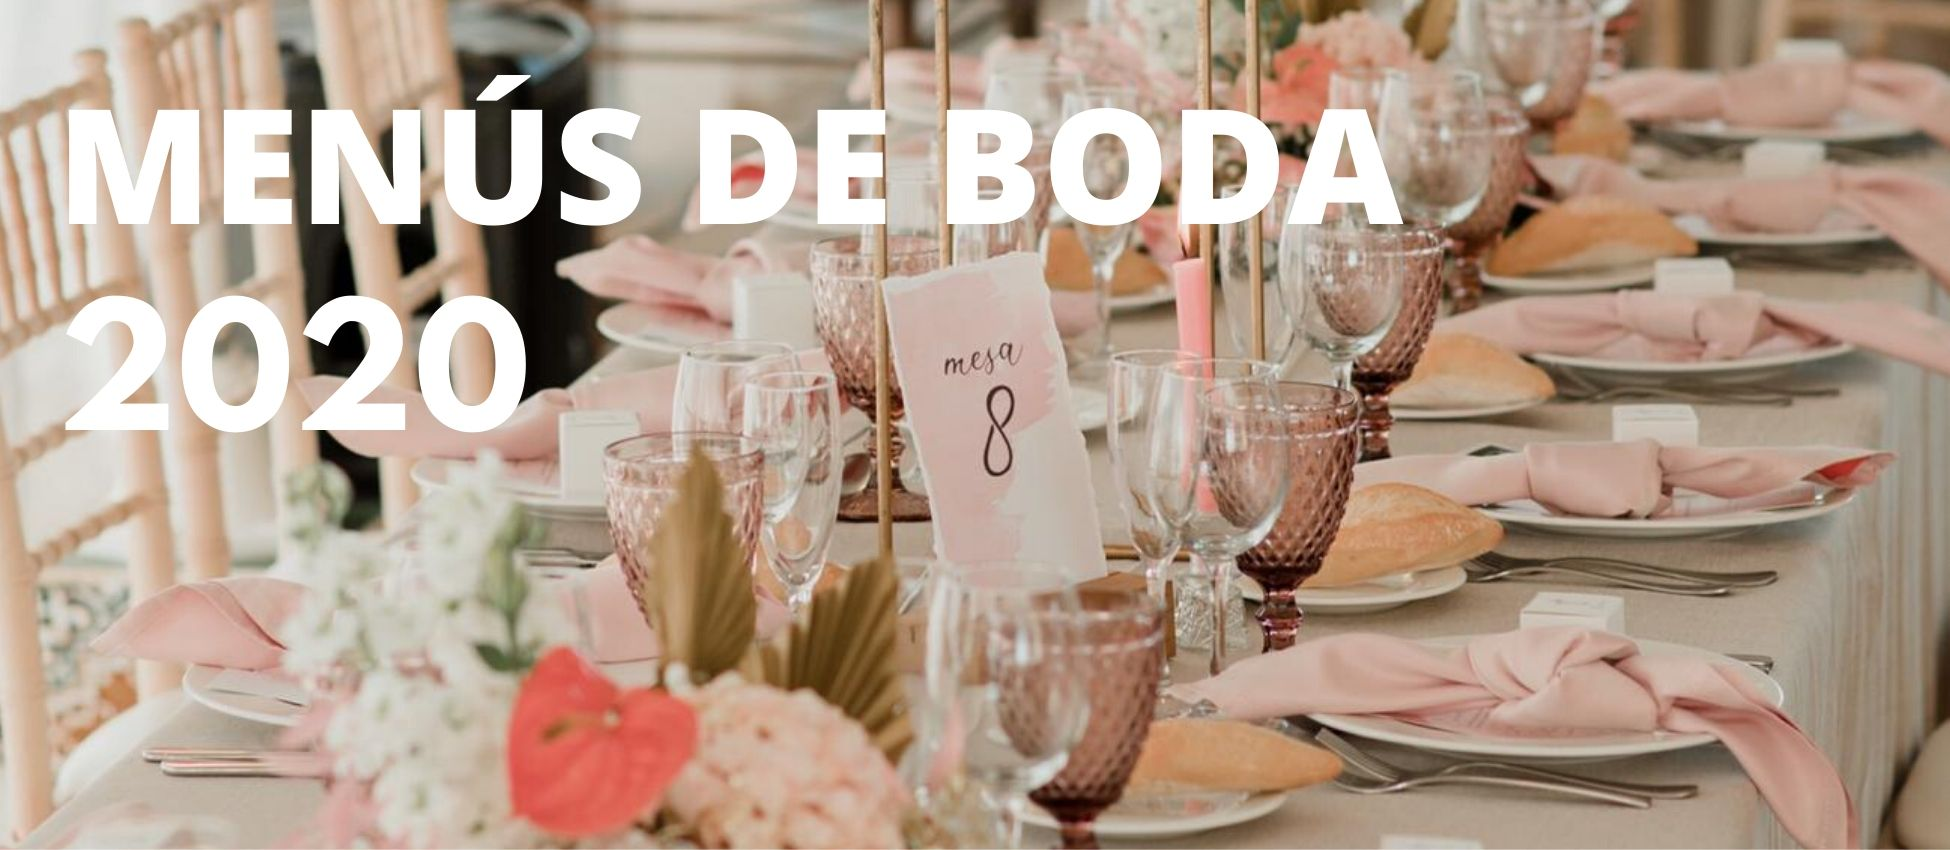 Menús-de-boda-2020-7